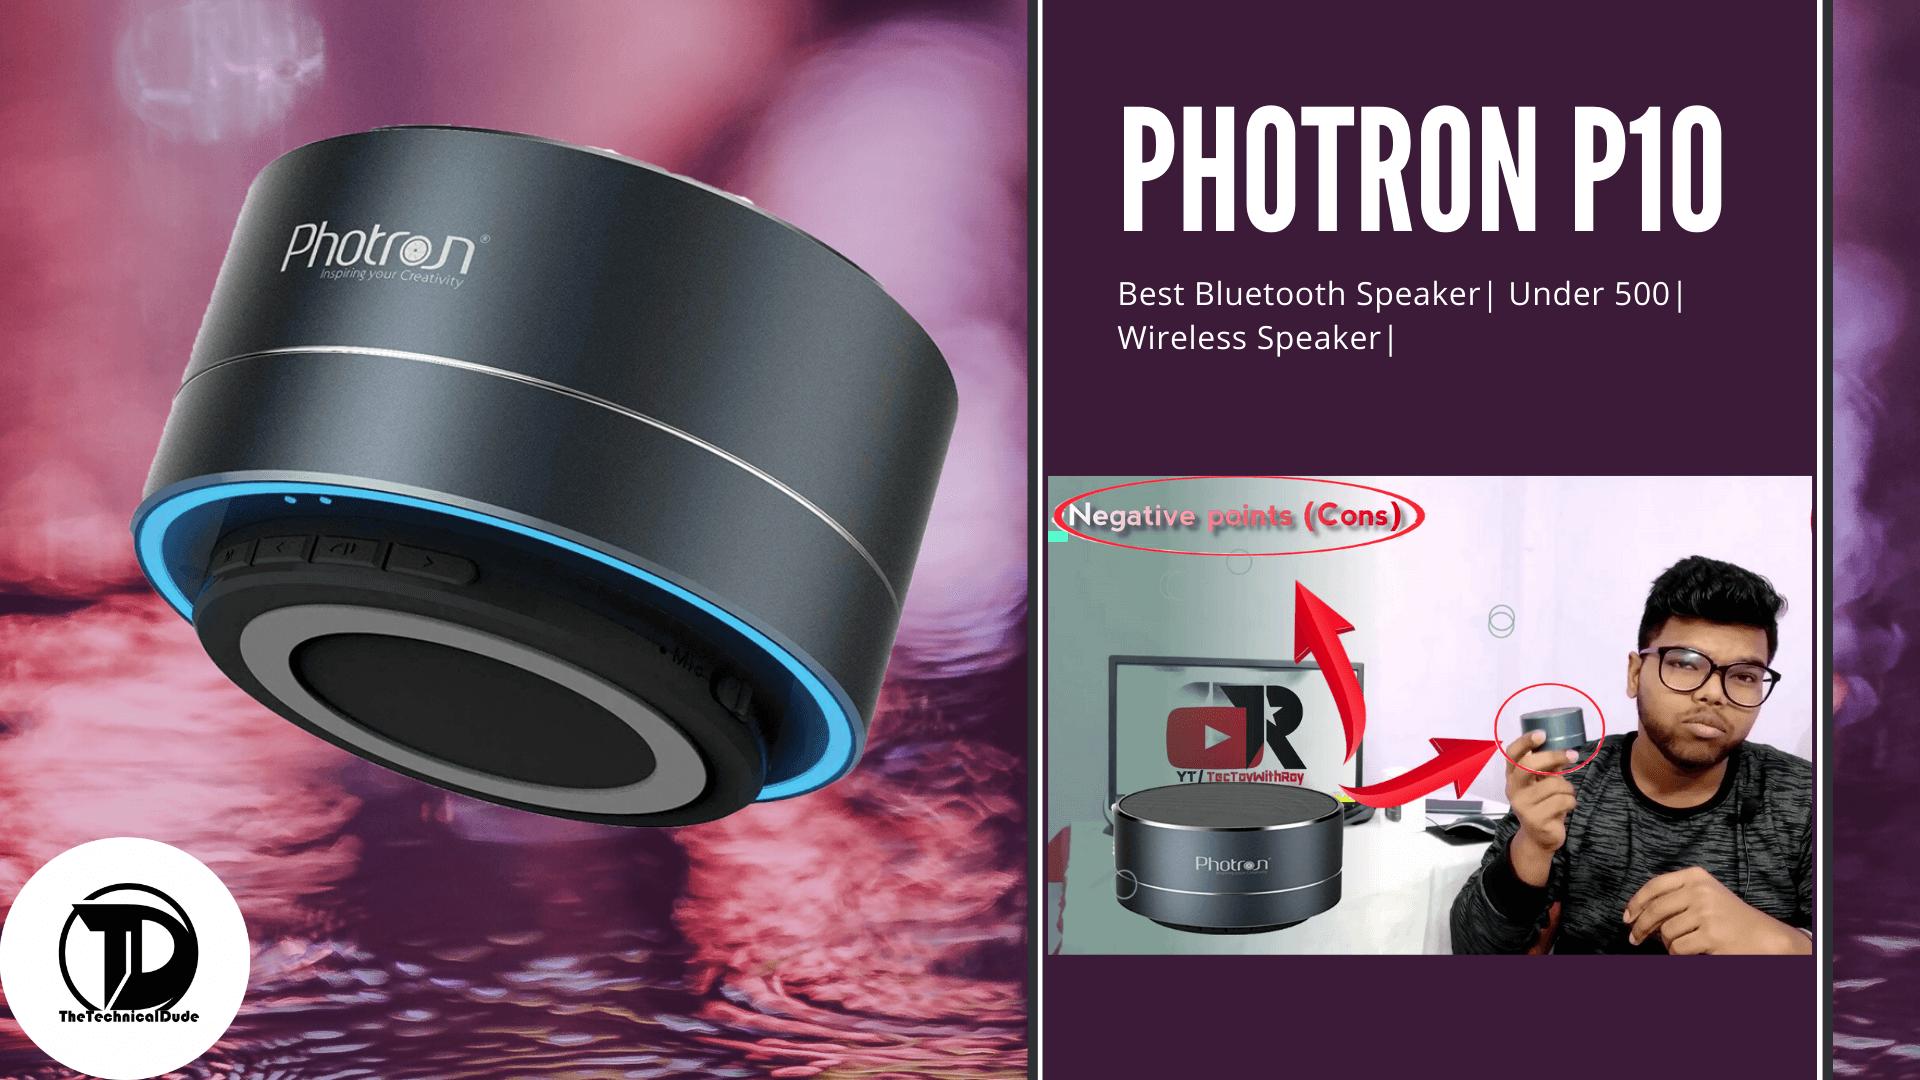 best bluetooth speaker under 500| Wireless Speaker| Photron P10